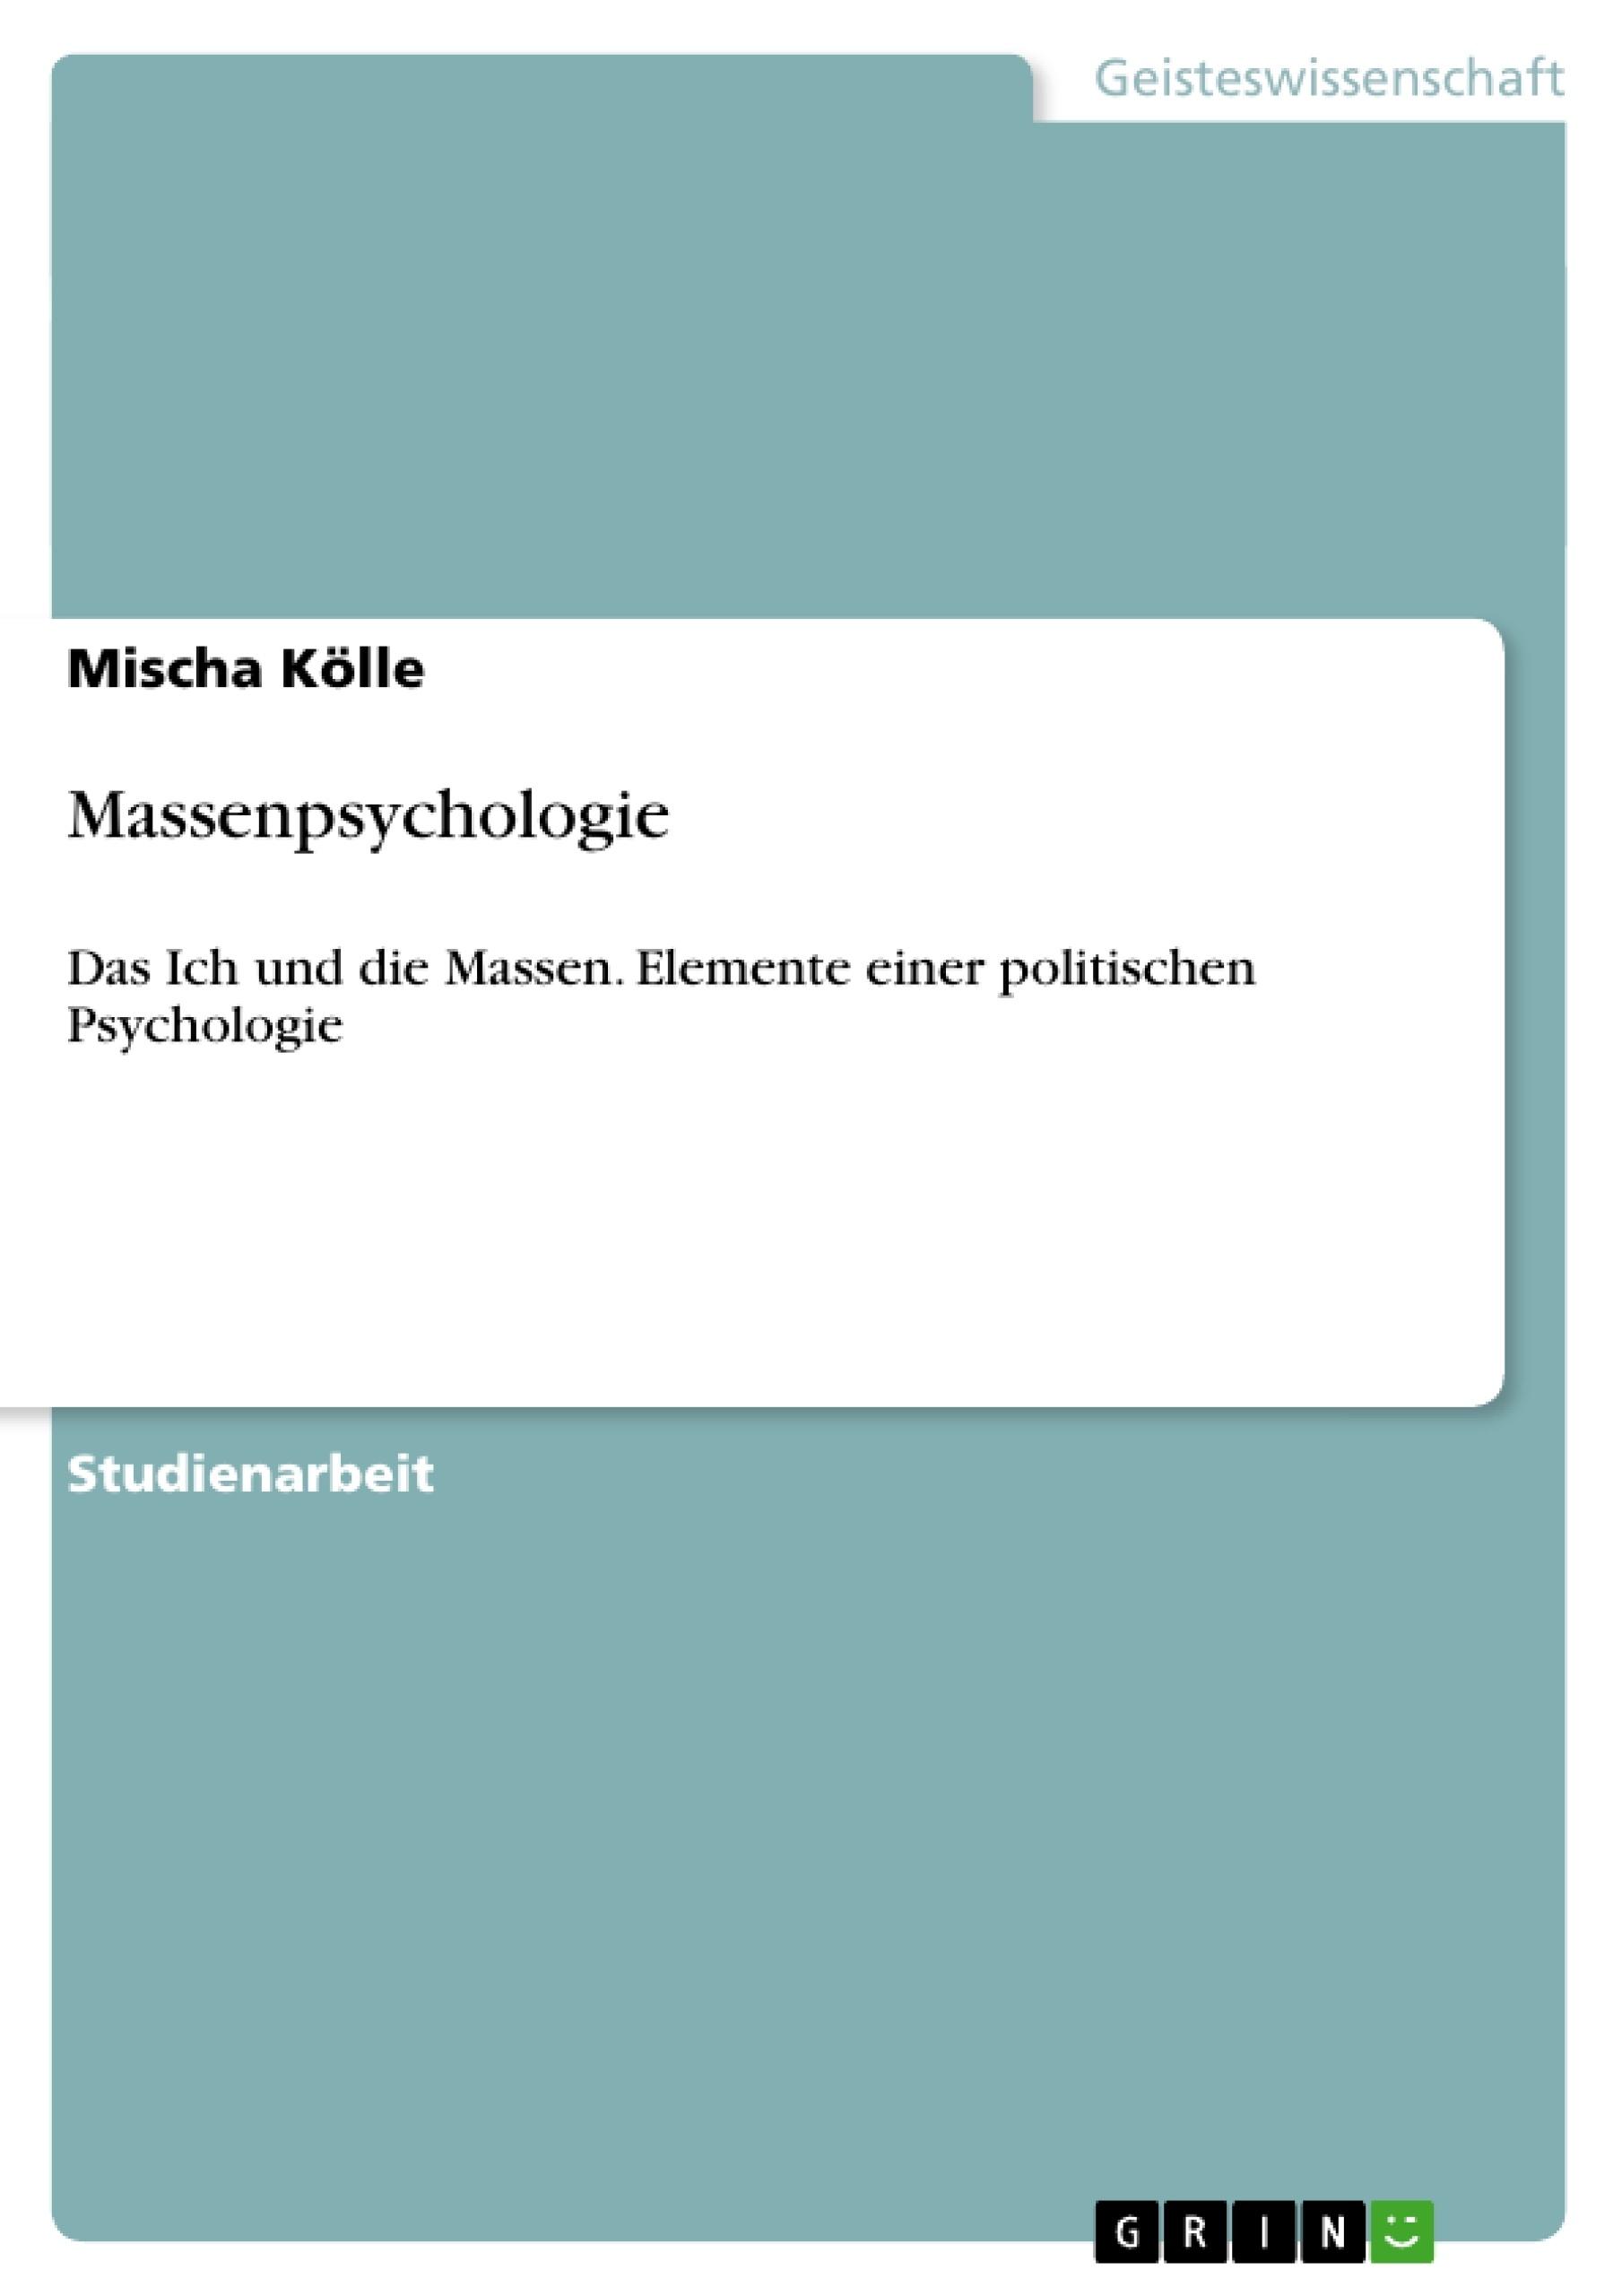 Titel: Massenpsychologie